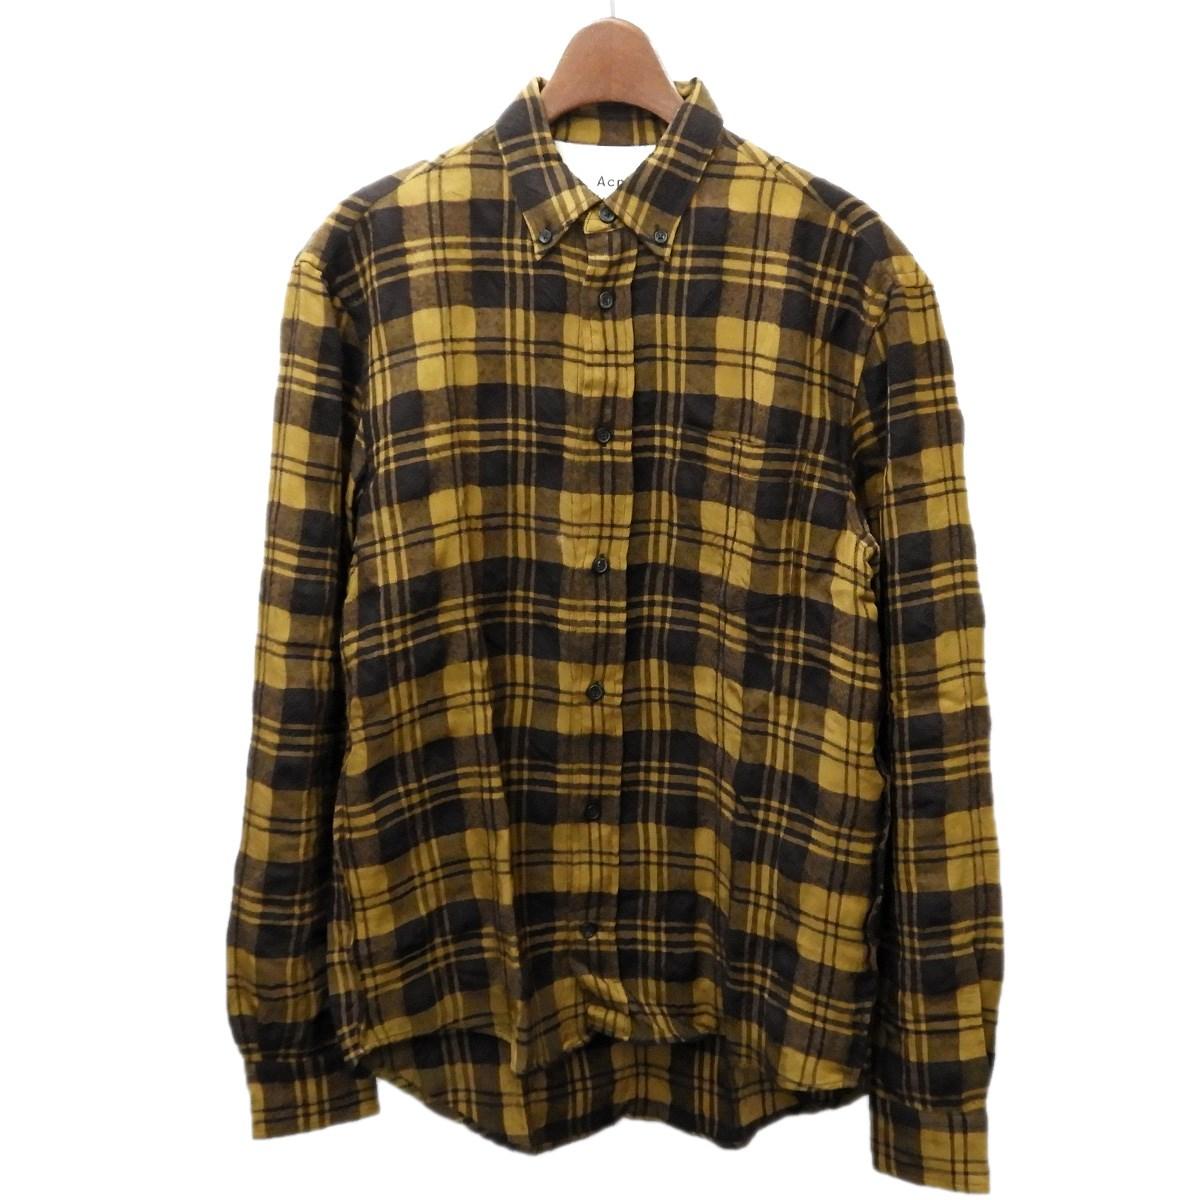 【中古】ACNE STUDIOS チェックシャツ ブラウン サイズ:44 【050320】(アクネストゥディオズ)